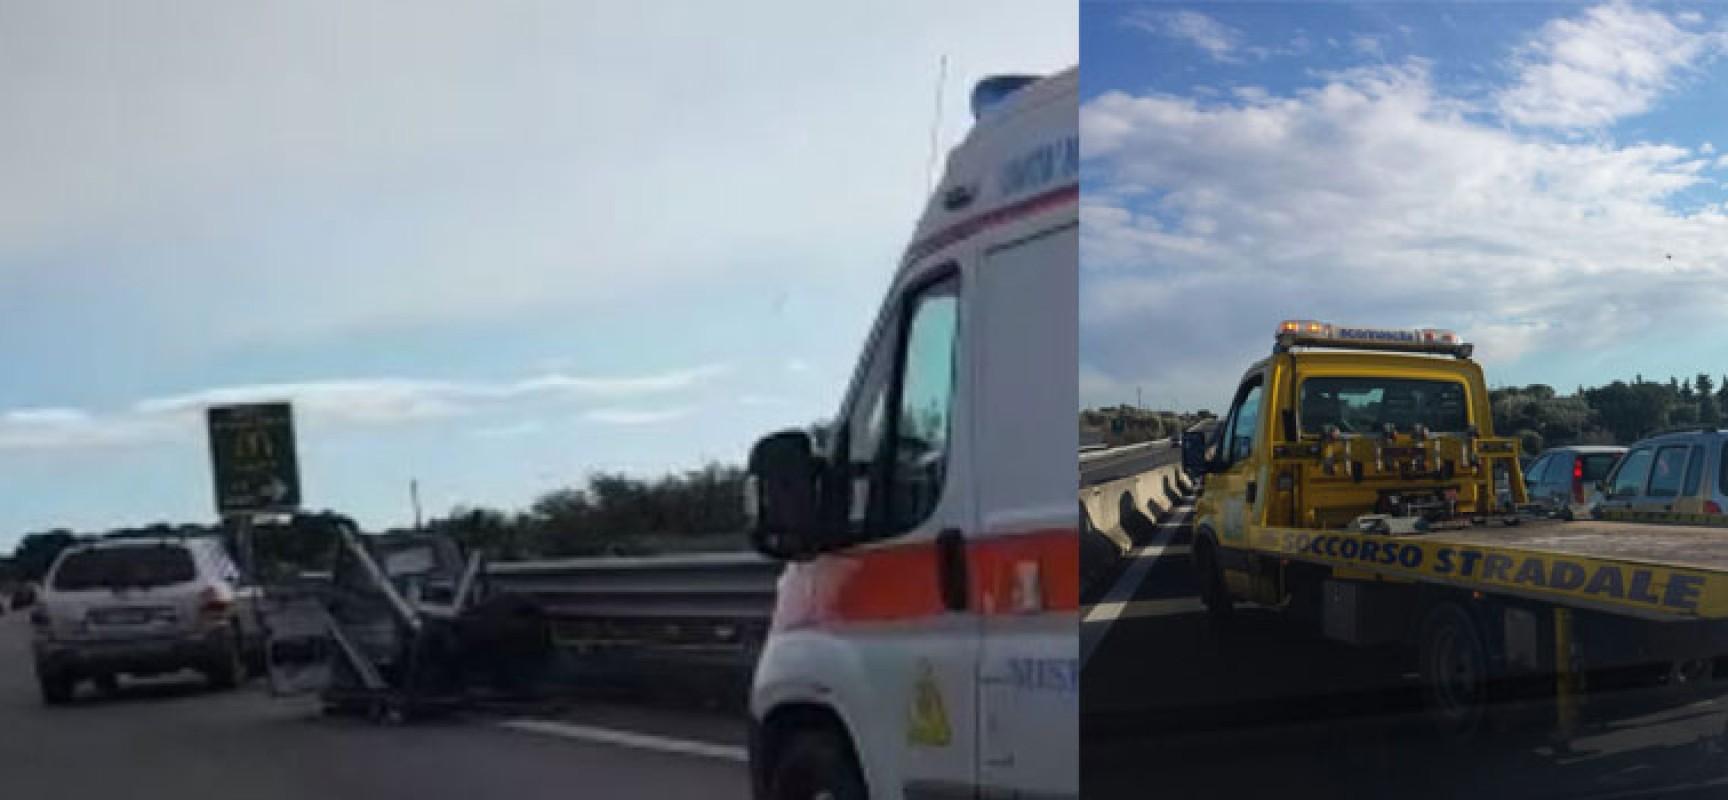 Tre ruote perde carico, incidente sulla 16bis